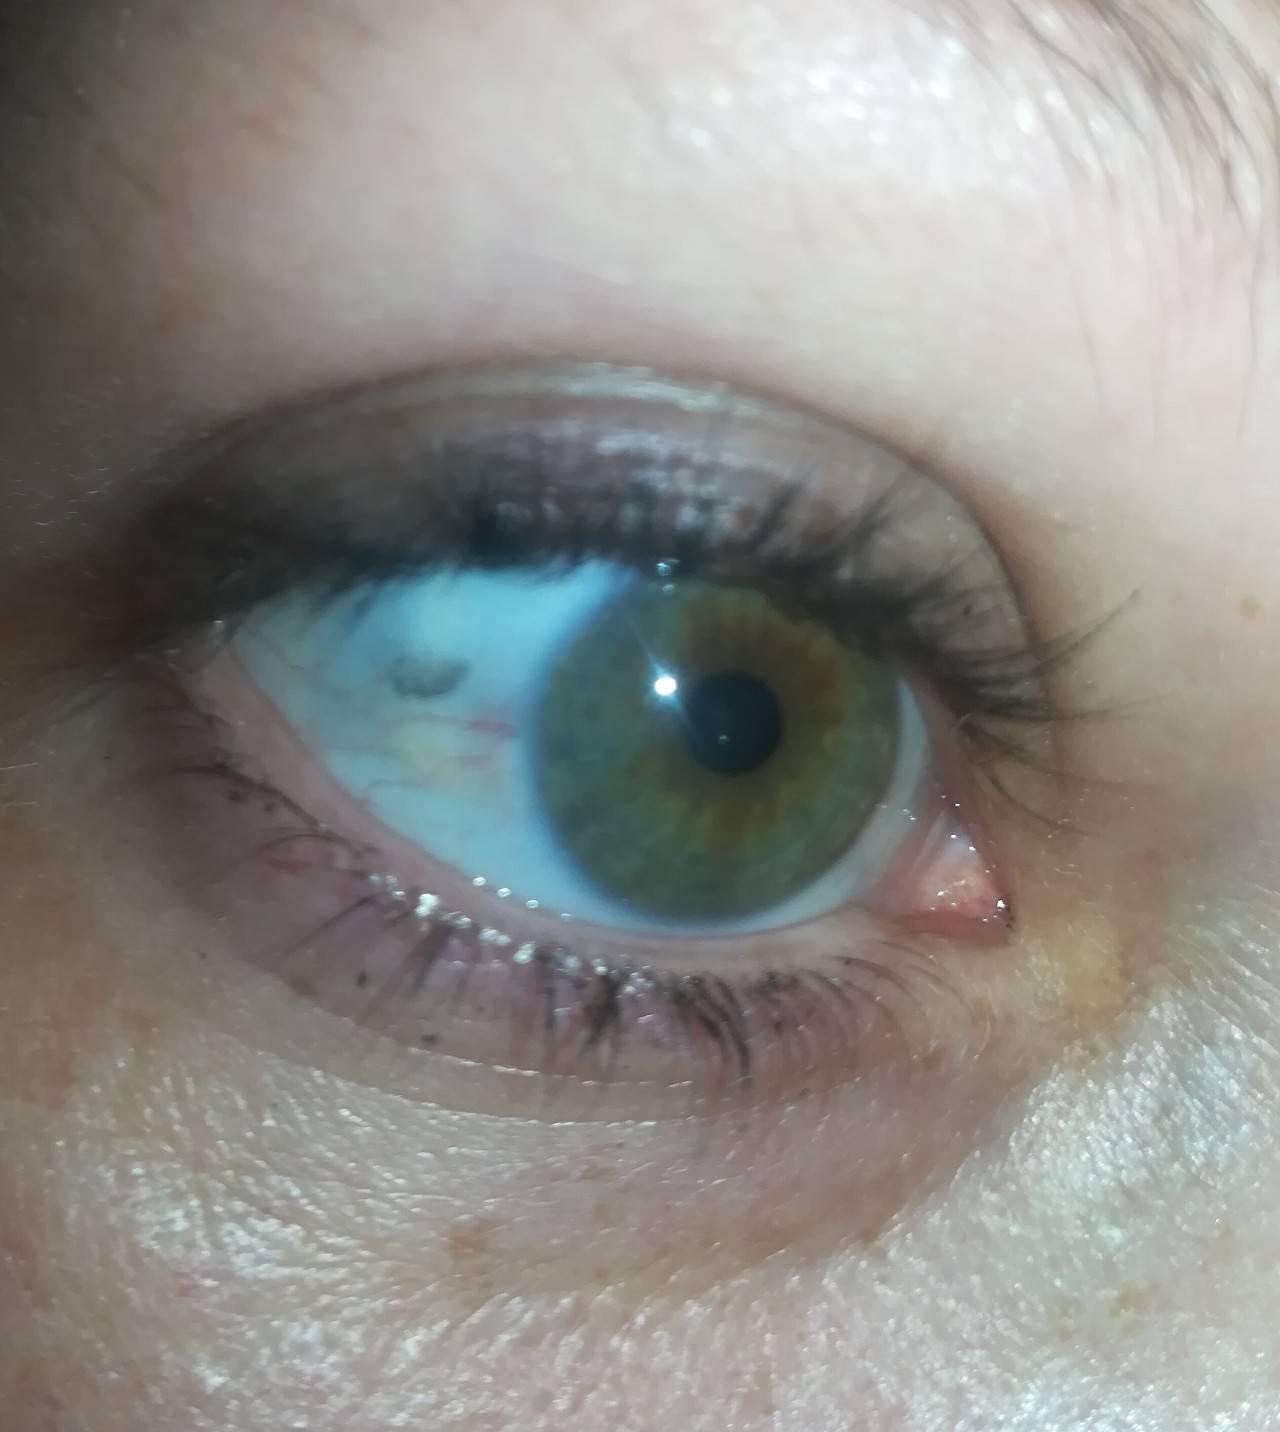 Белки глаз красные: причины, лечение у взрослых и детей, сопутствующие симптомы (красные прожилки, боль), последствия